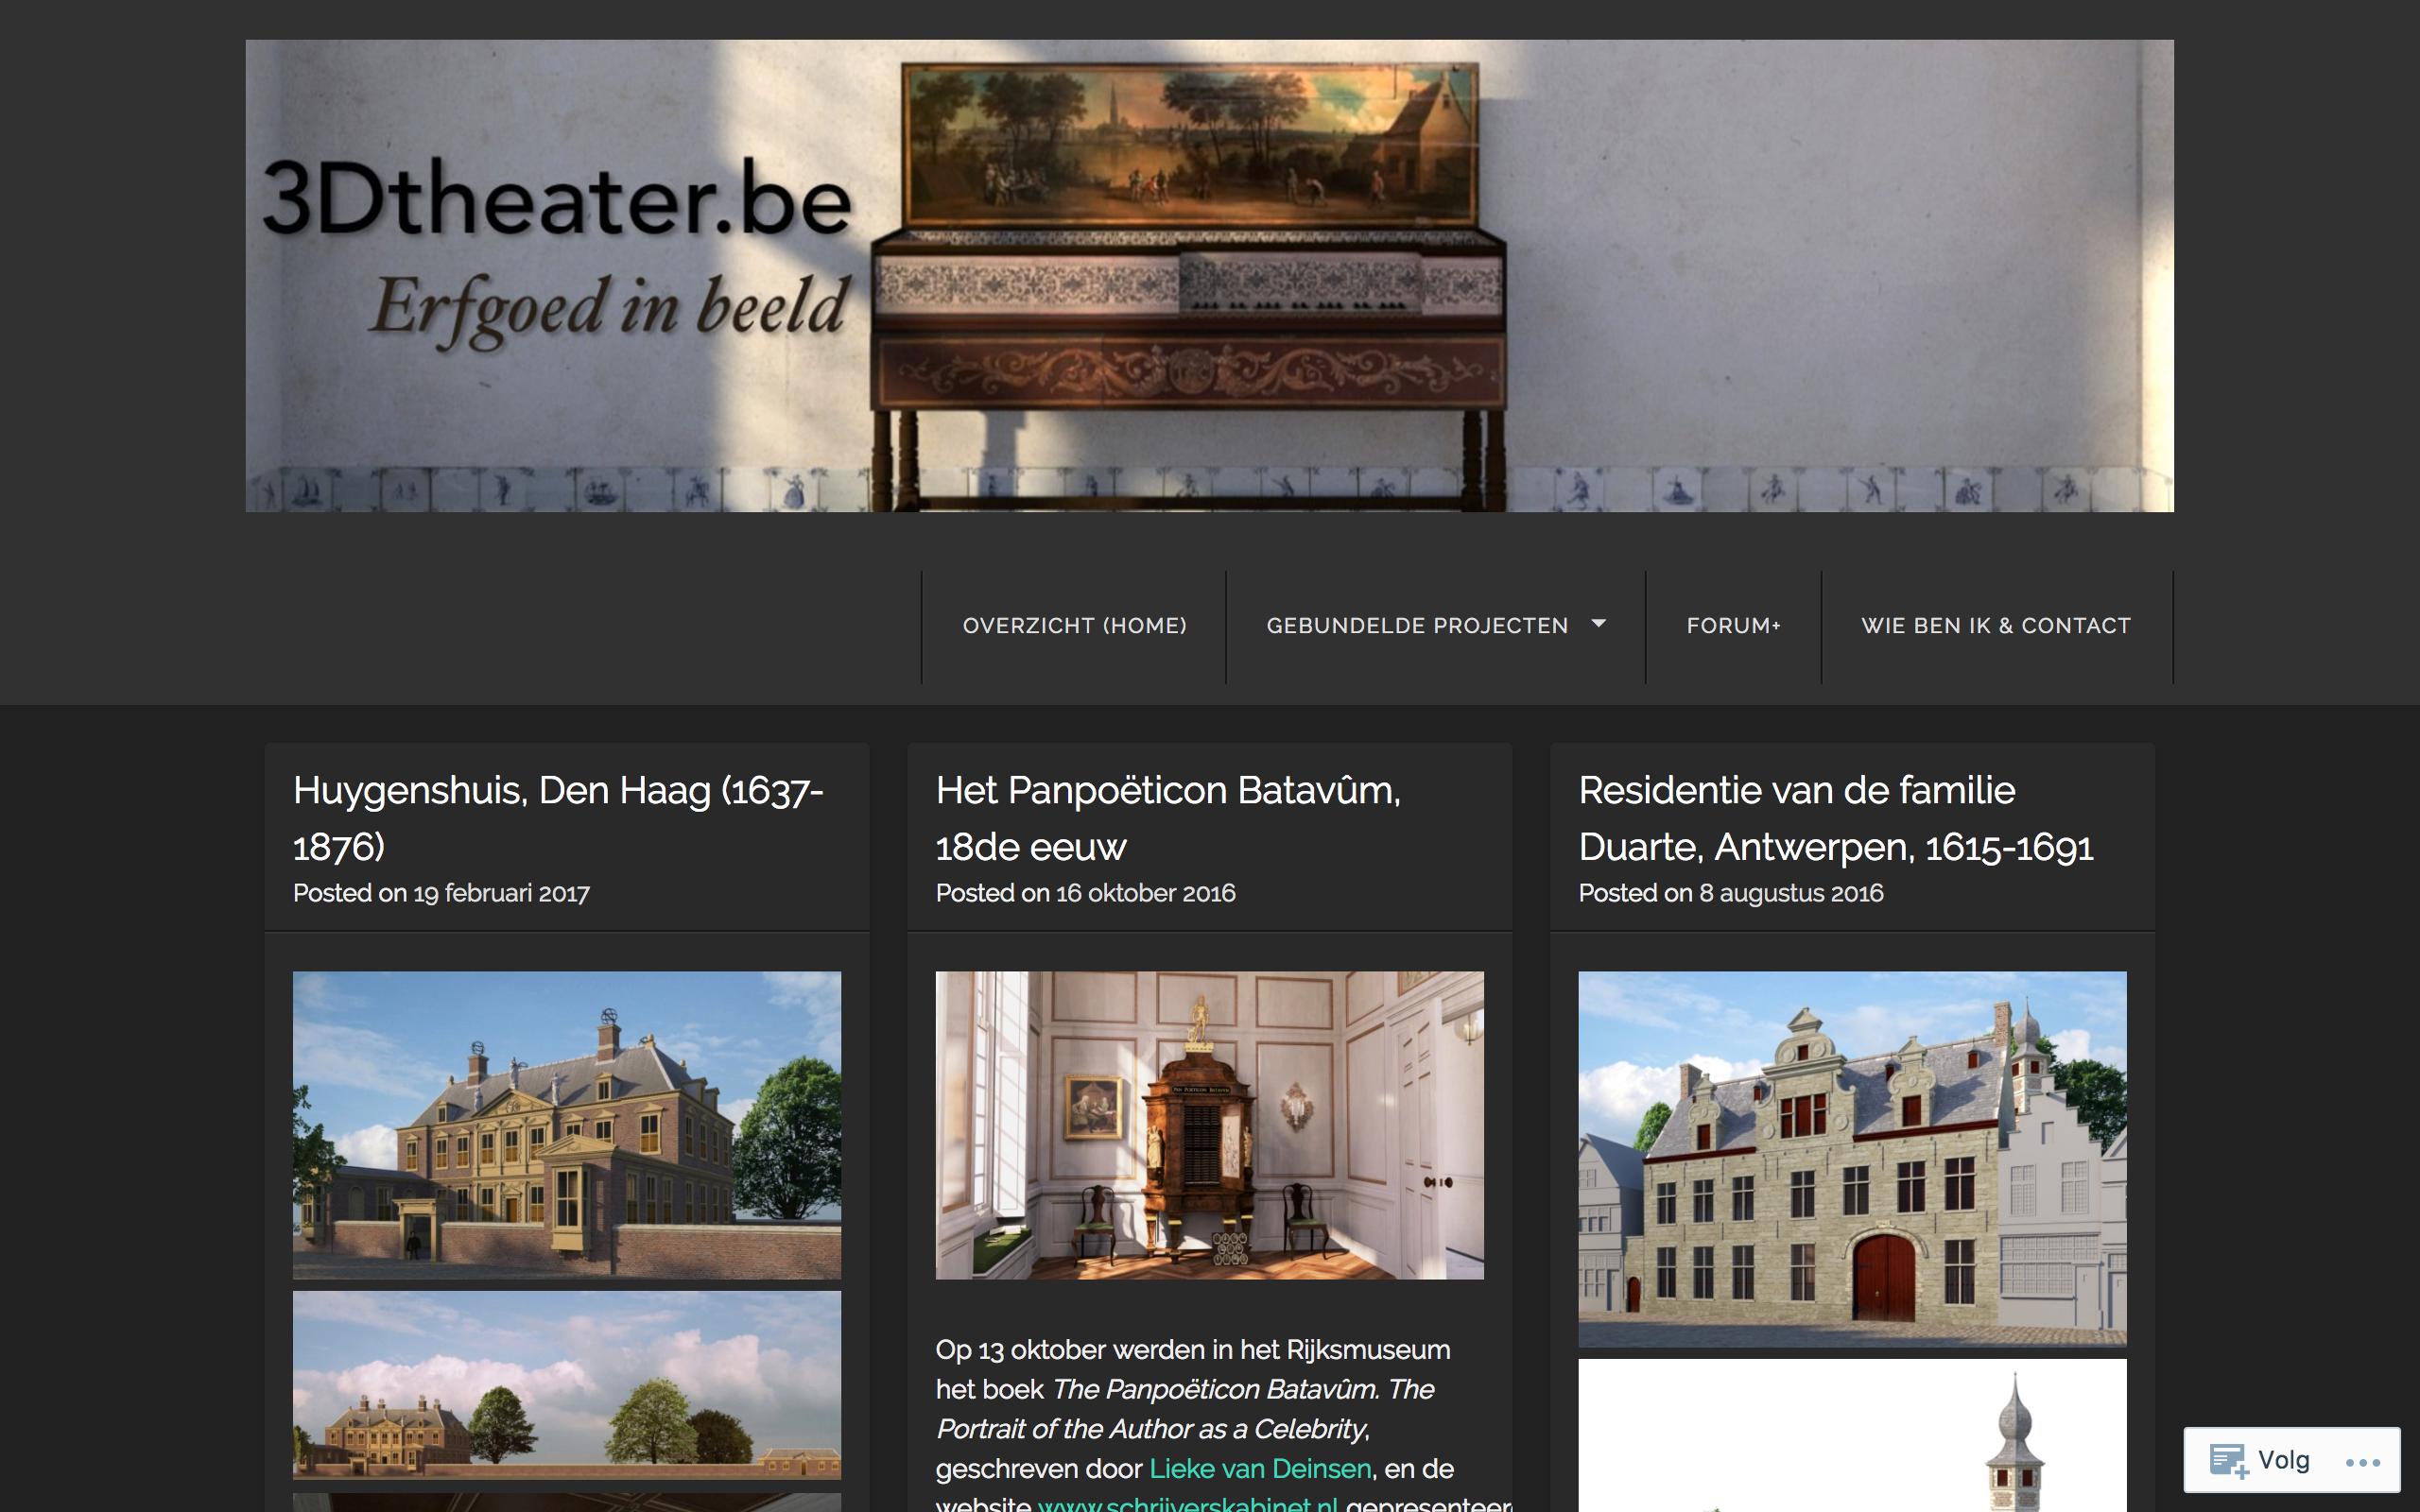 3Dtheater: Erfgoed in Beeld